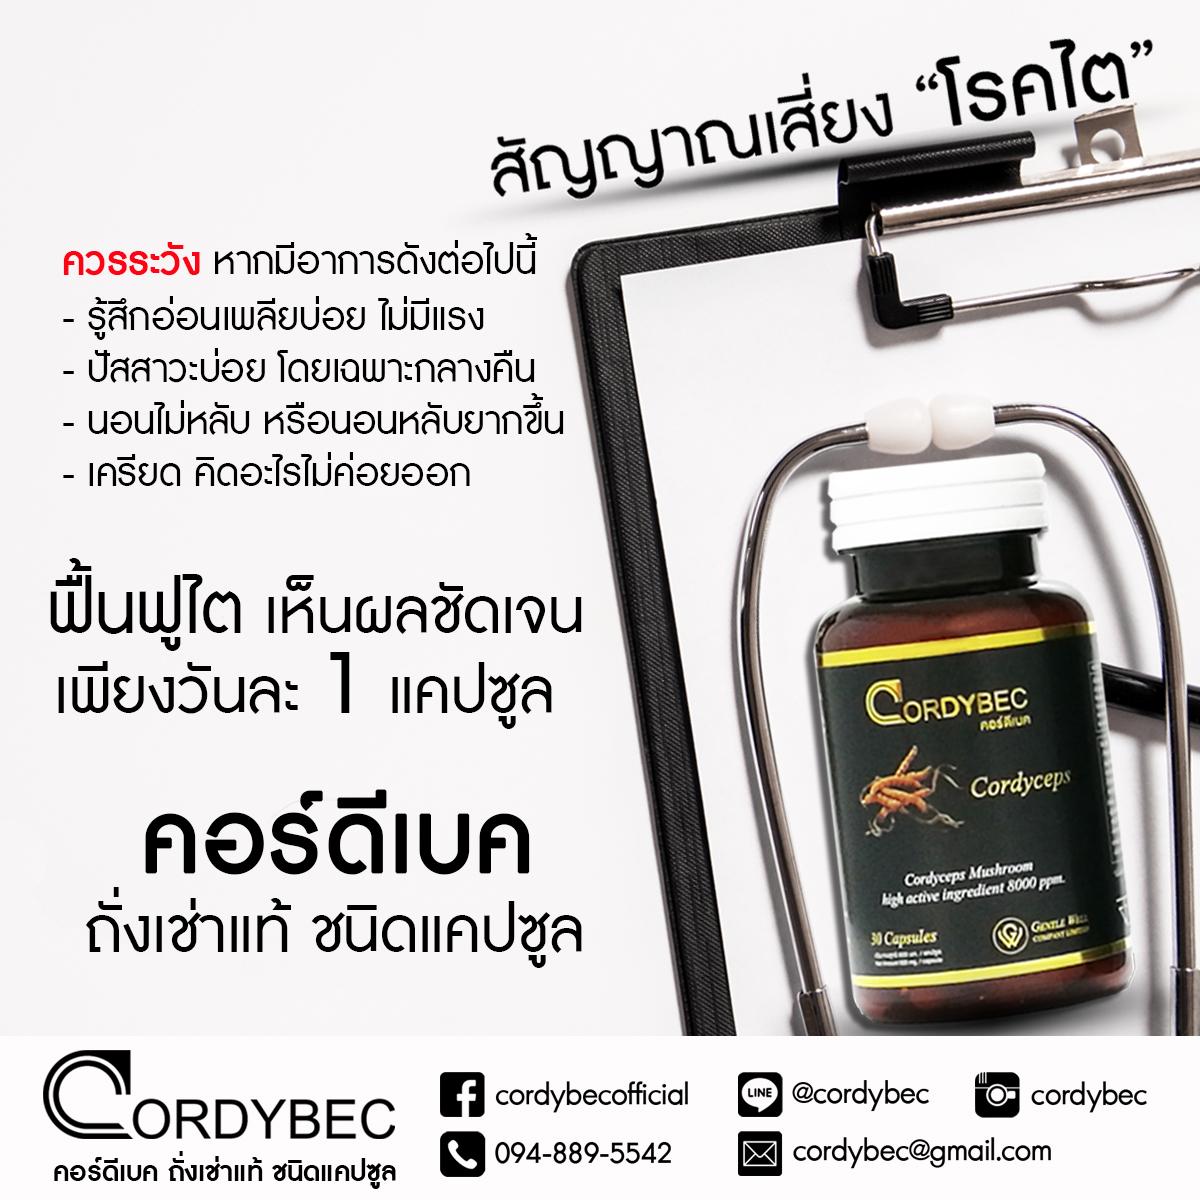 Cordybec kidney 011